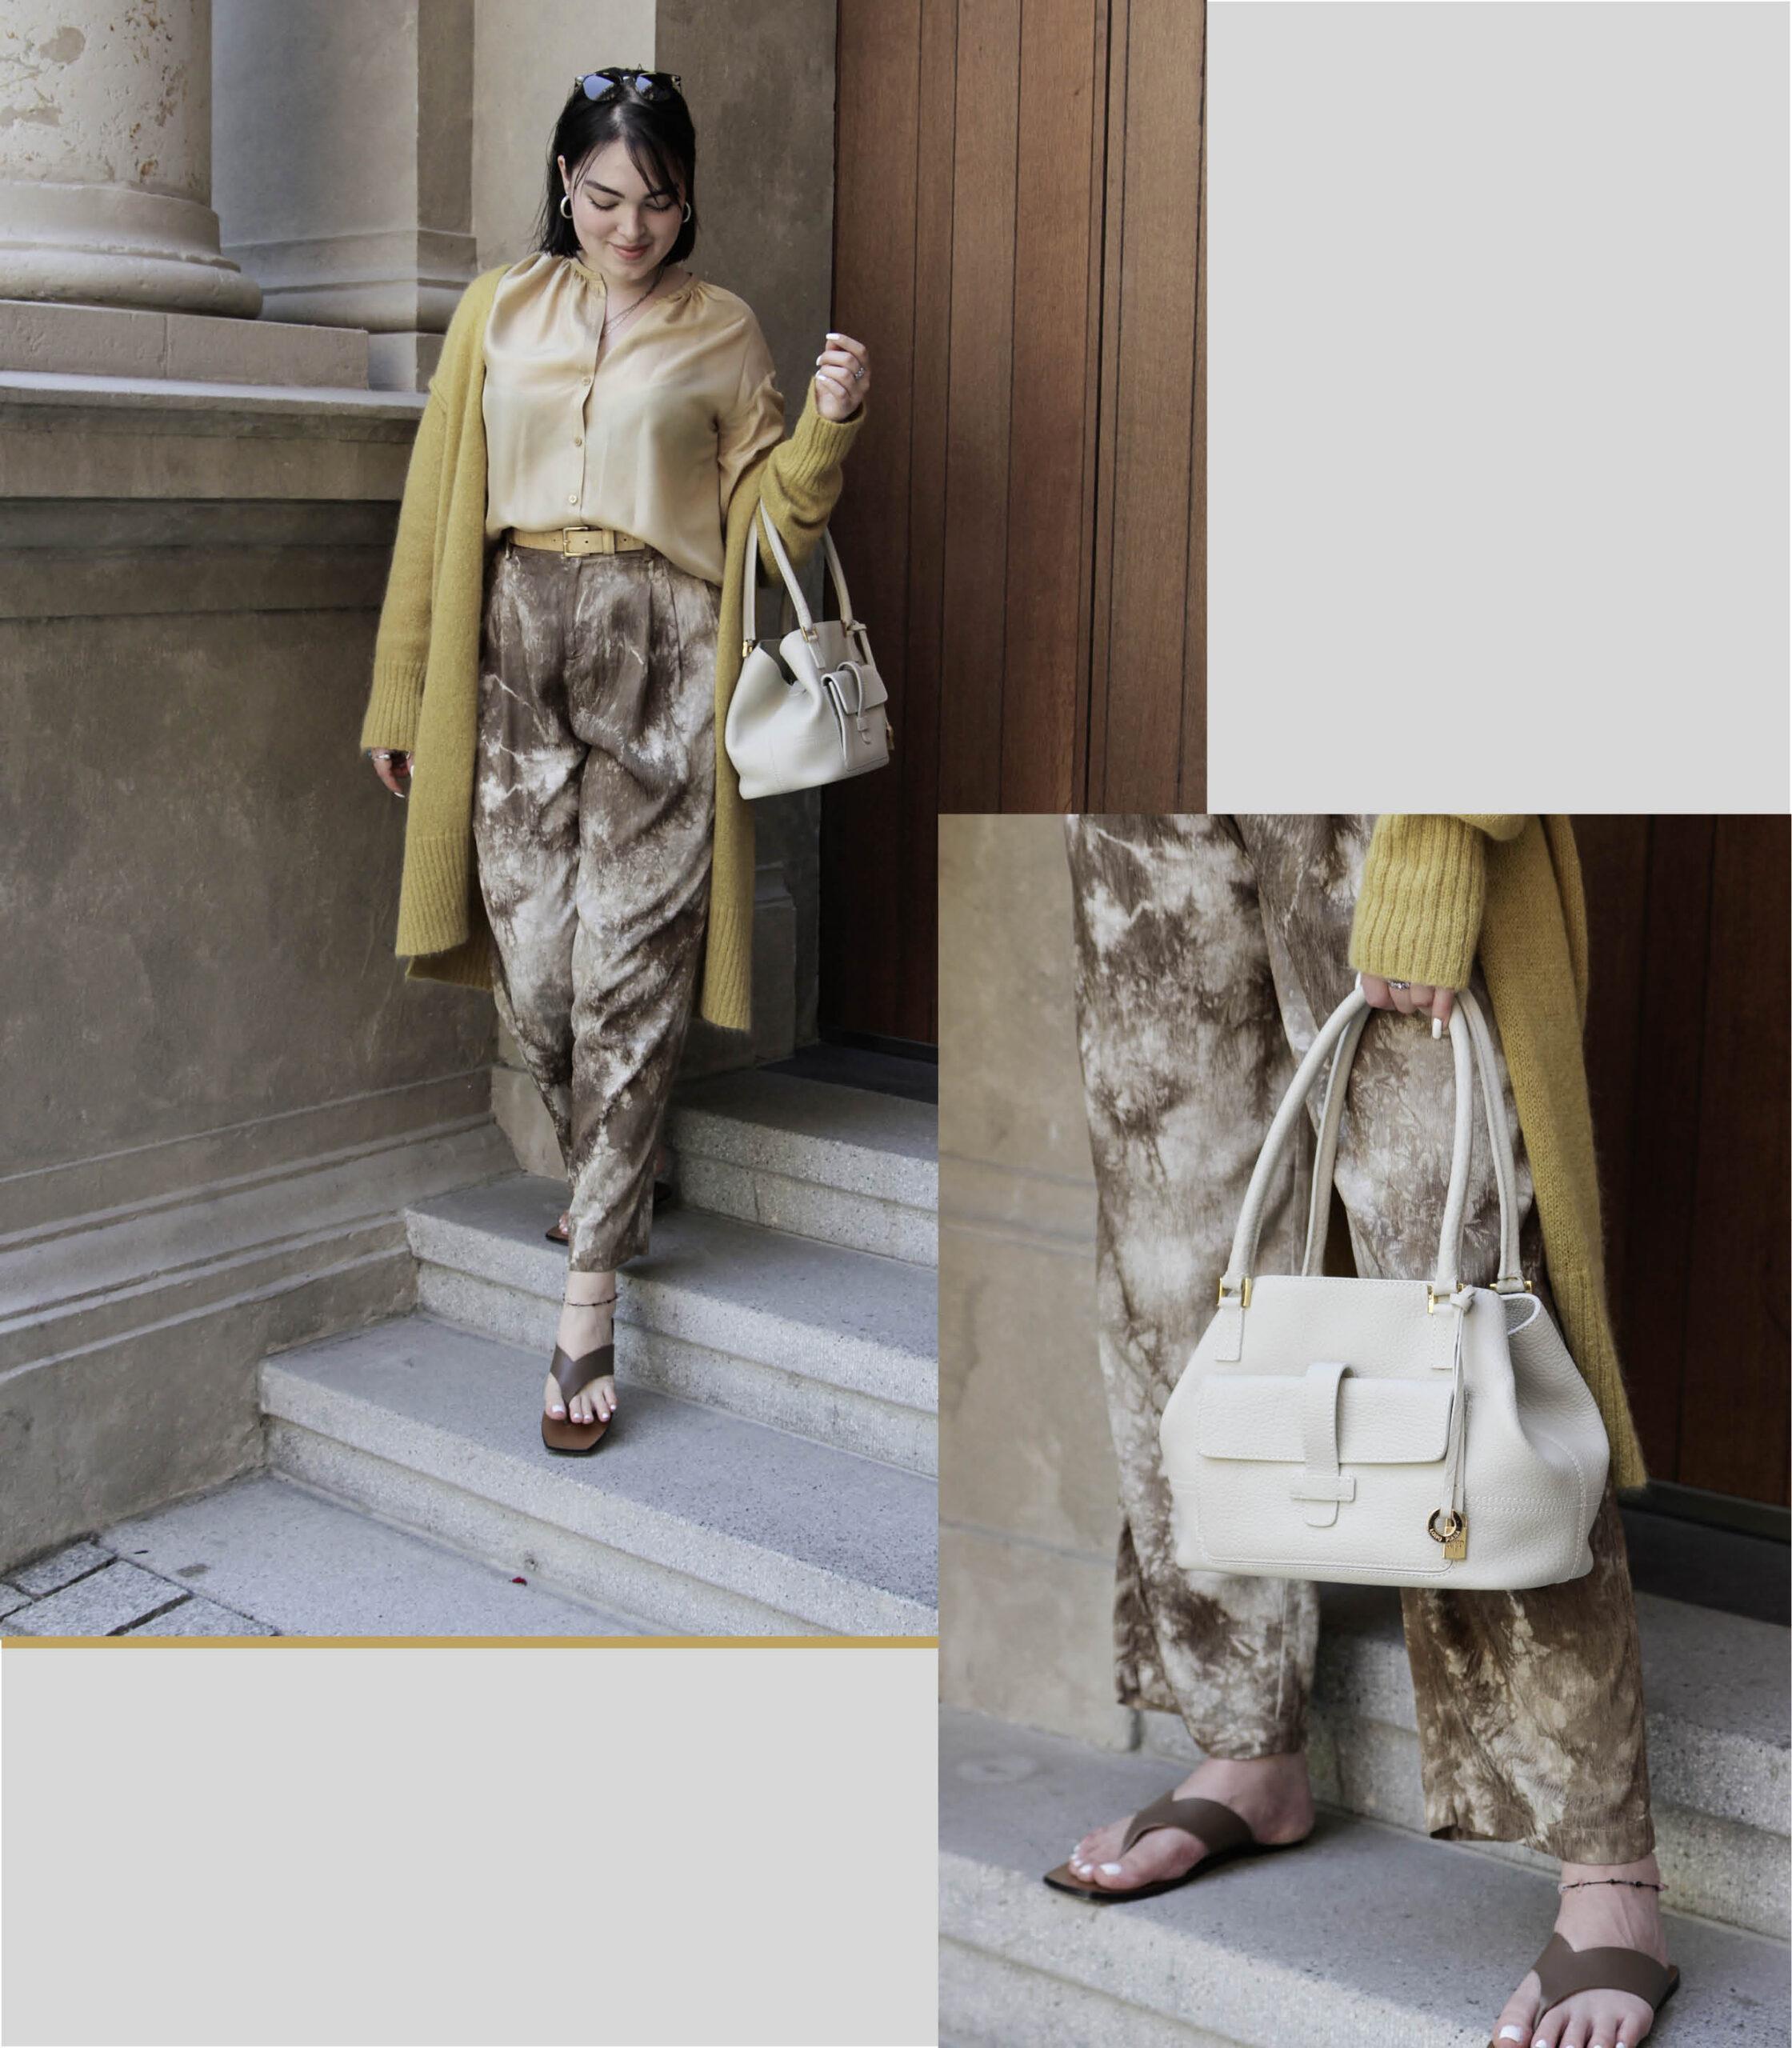 Zitronenfarbenes Outfit mit goldenen Details für sommerliche Temperaturen